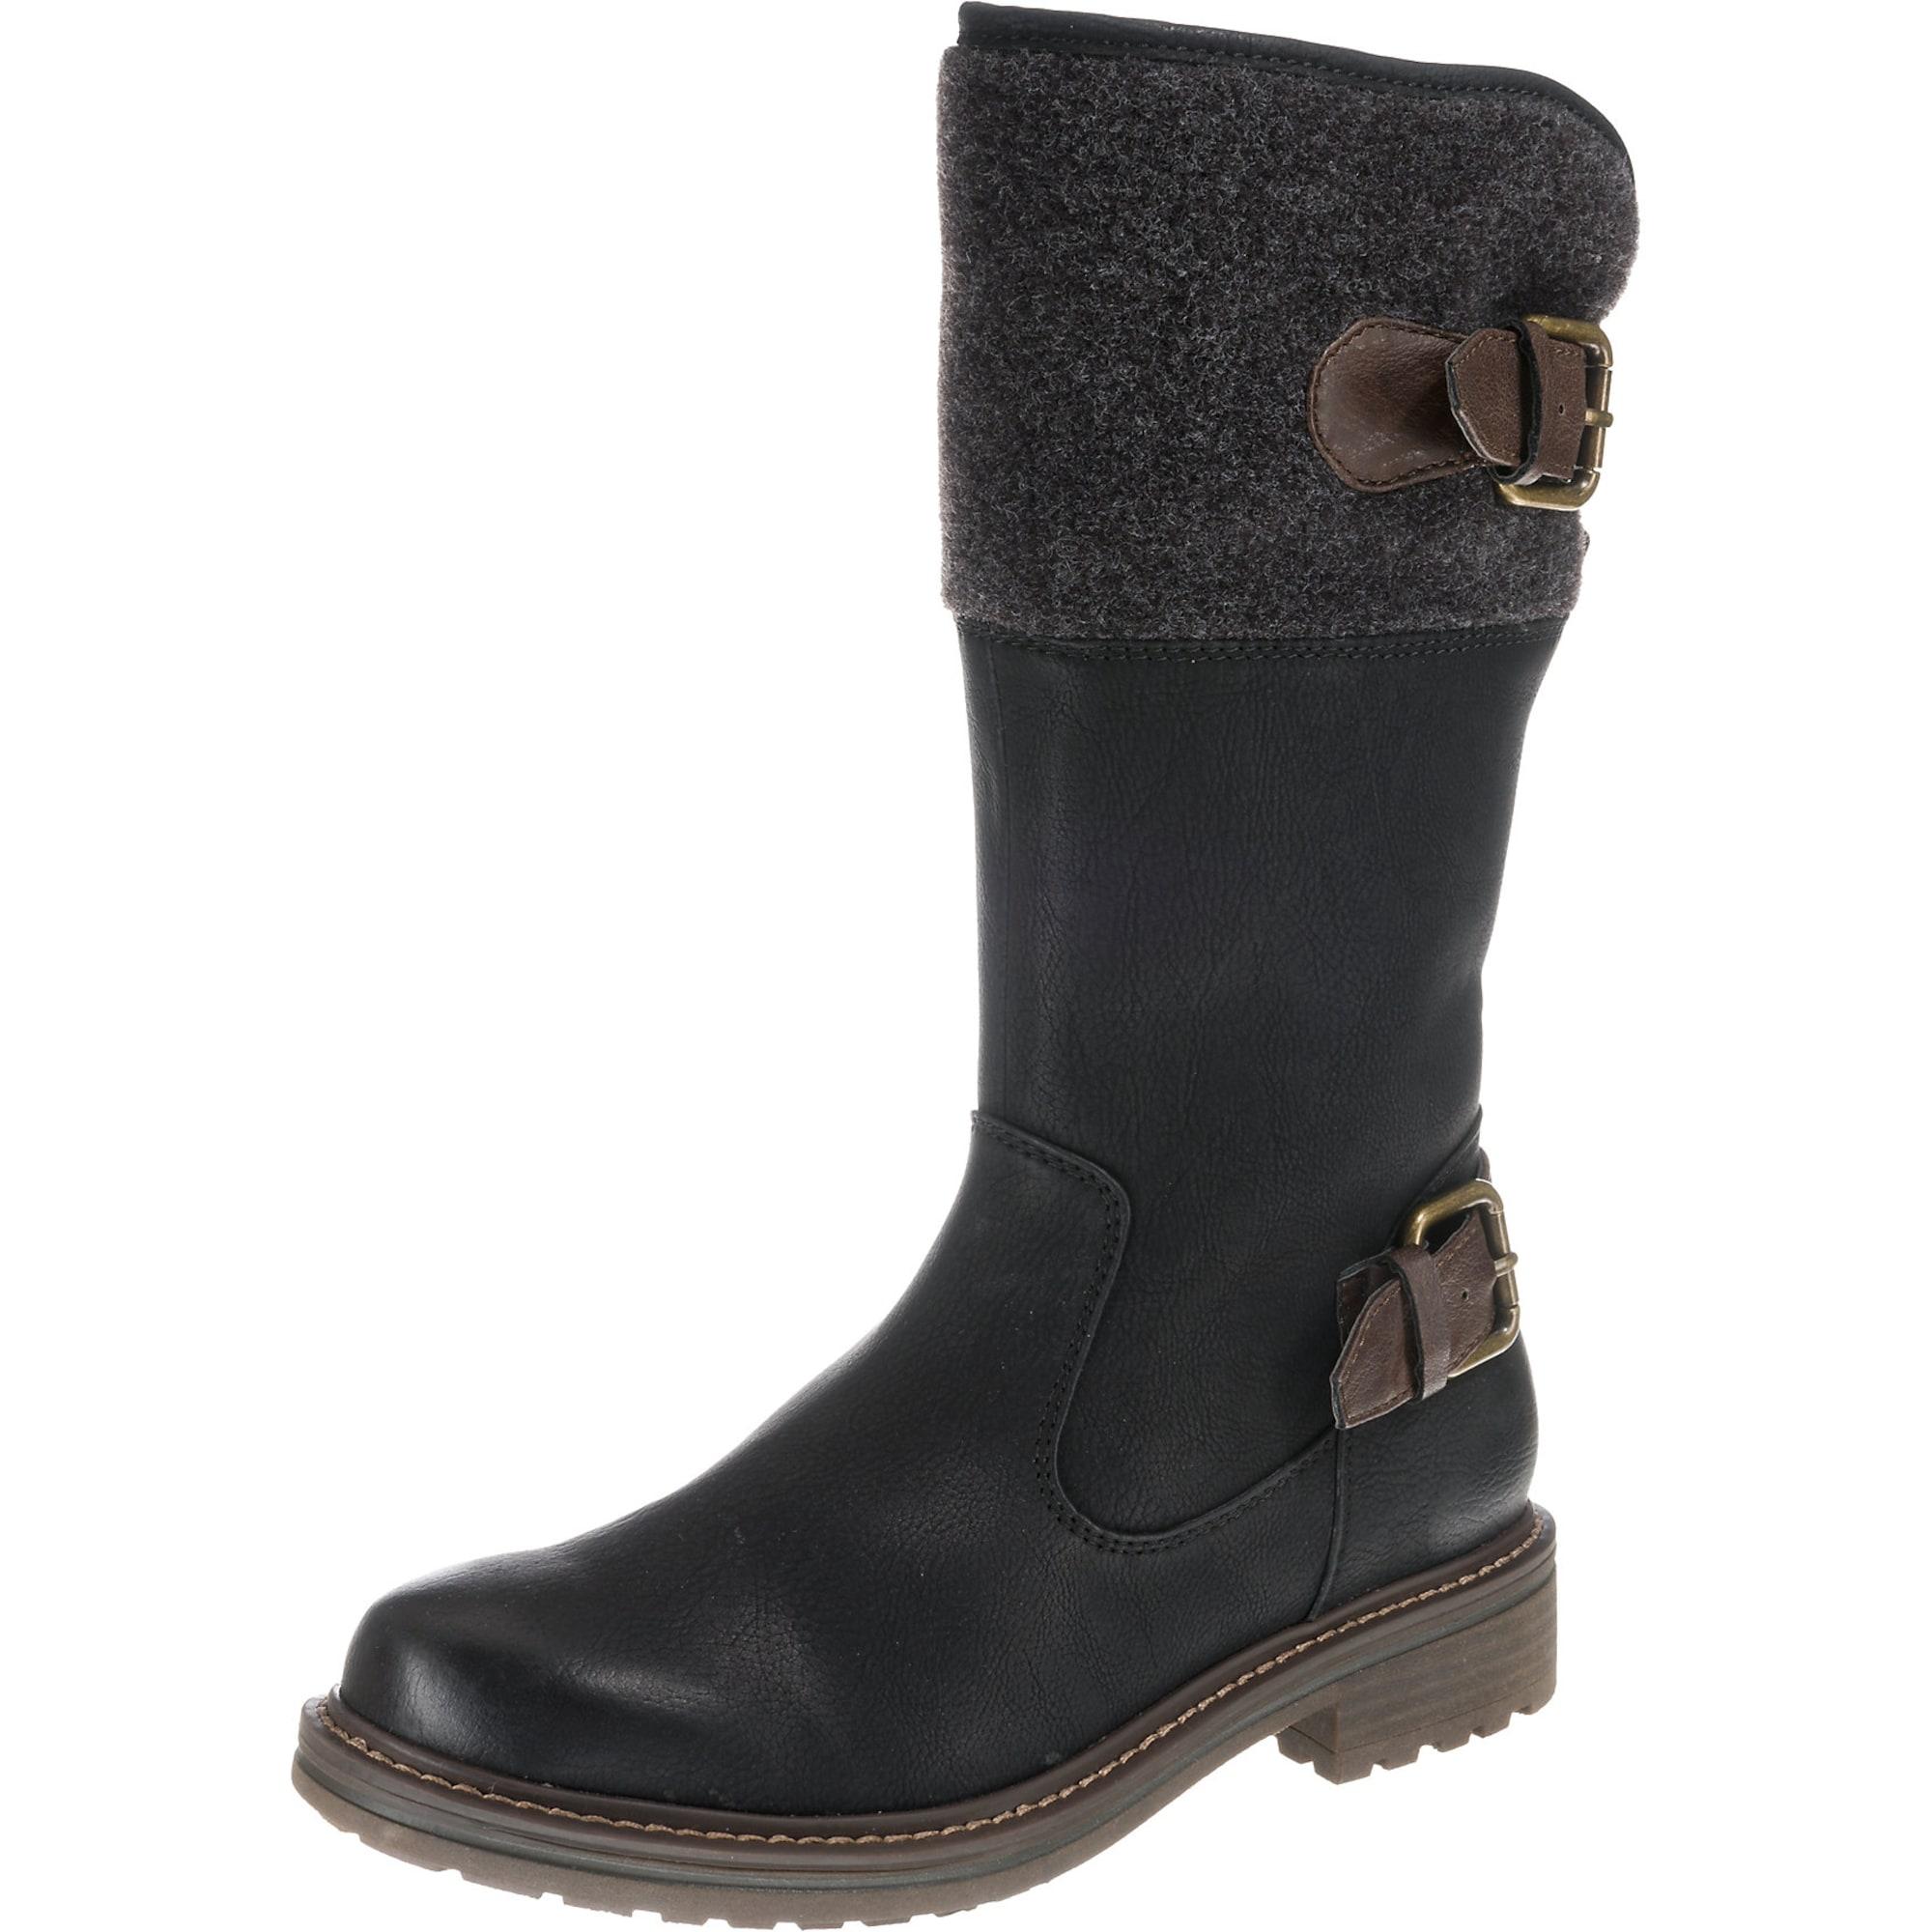 Winterstiefel | Schuhe > Stiefel > Winterstiefel | Schwarz | SUPREMO